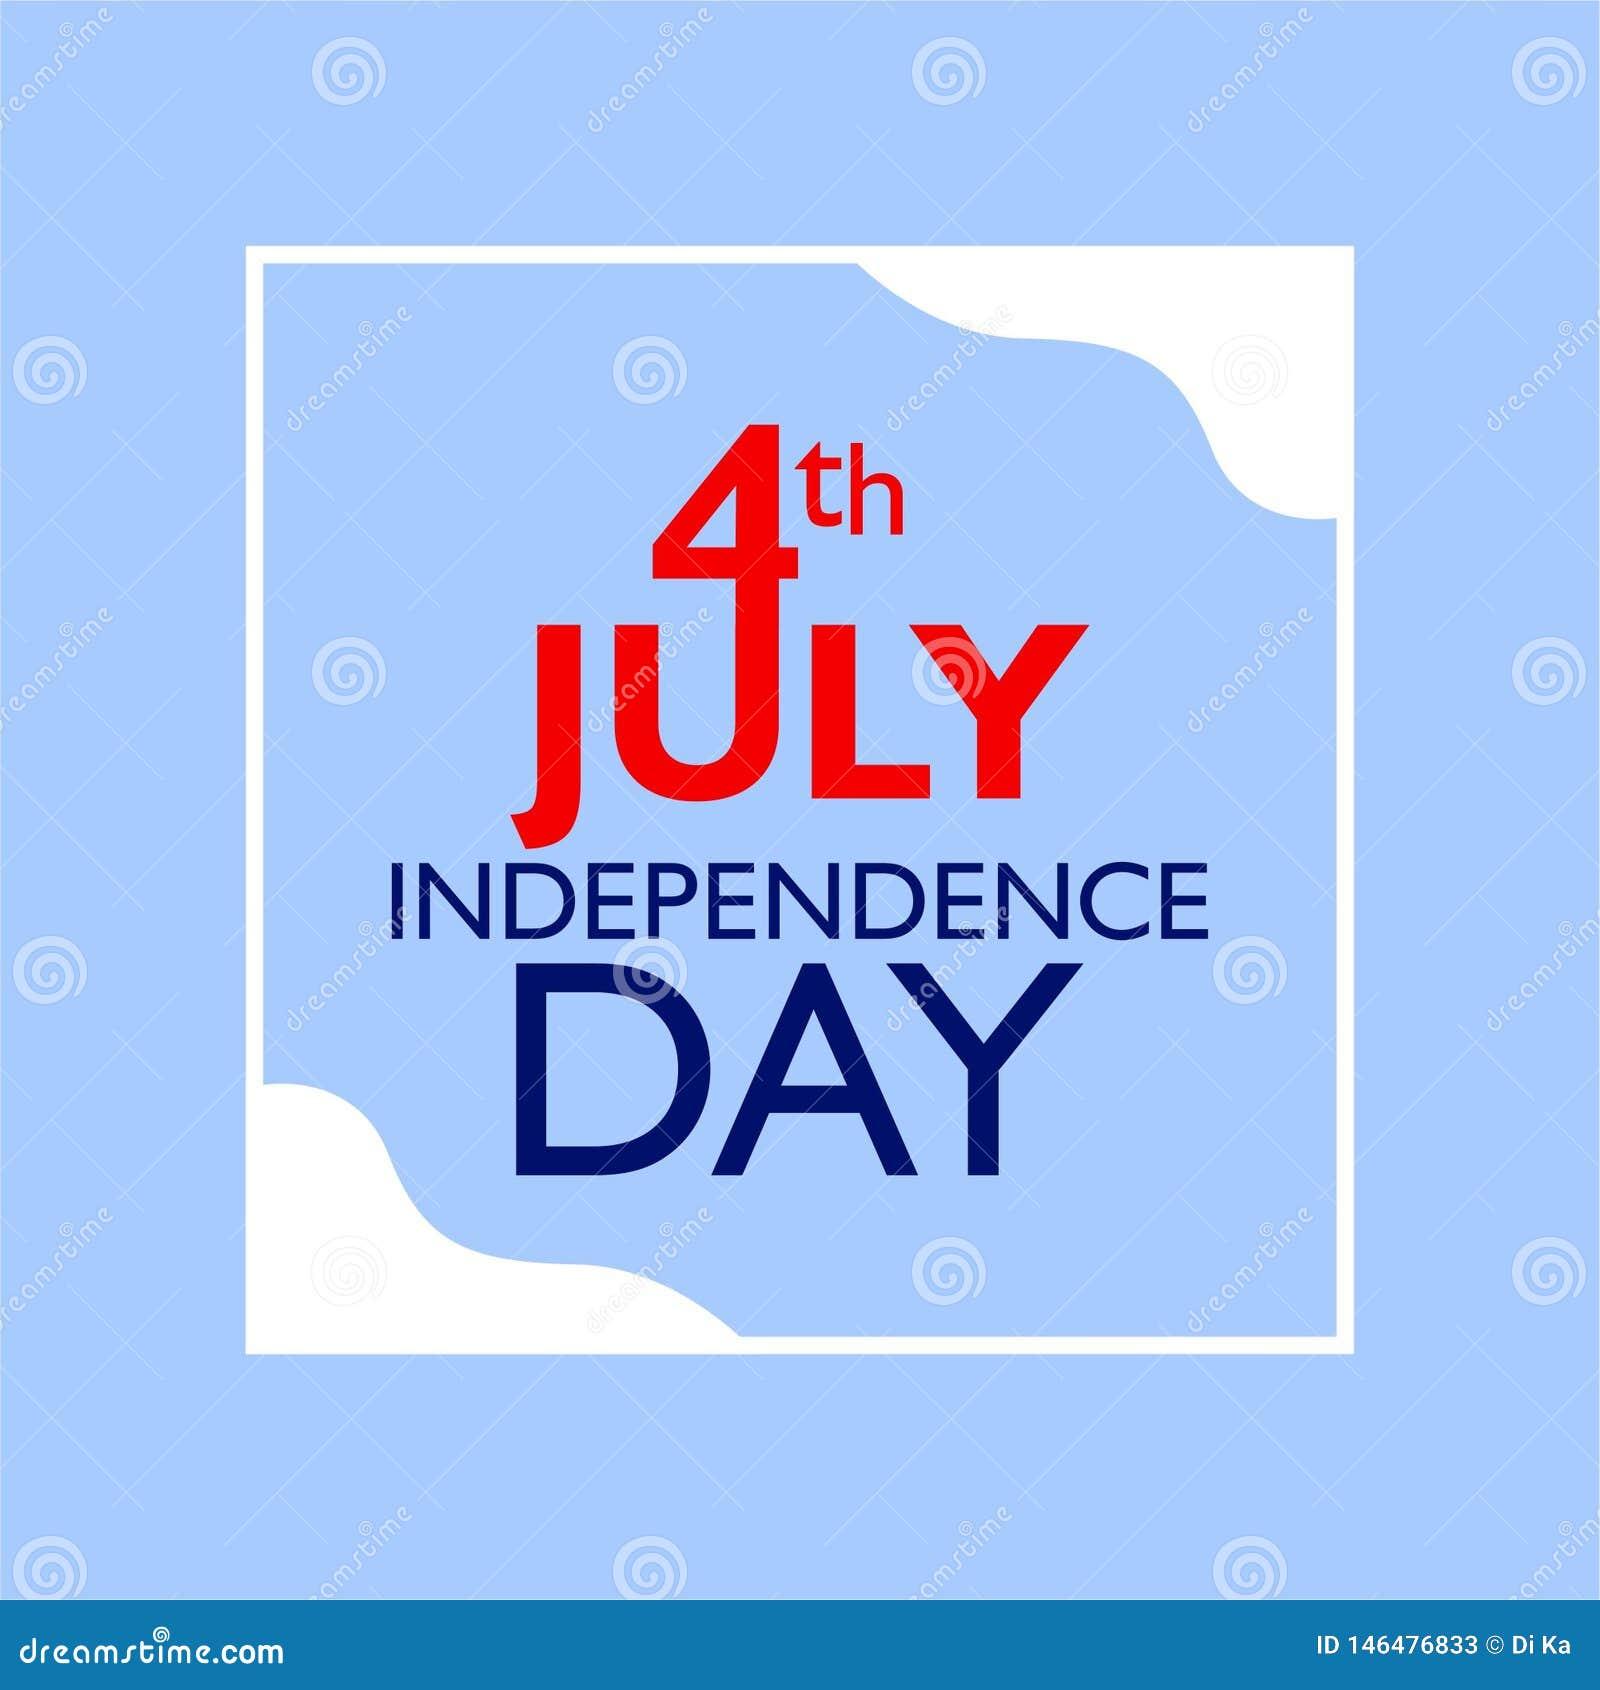 4 Ιουλίου εγγραφή χαιρετισμού ημέρας της ανεξαρτησίας